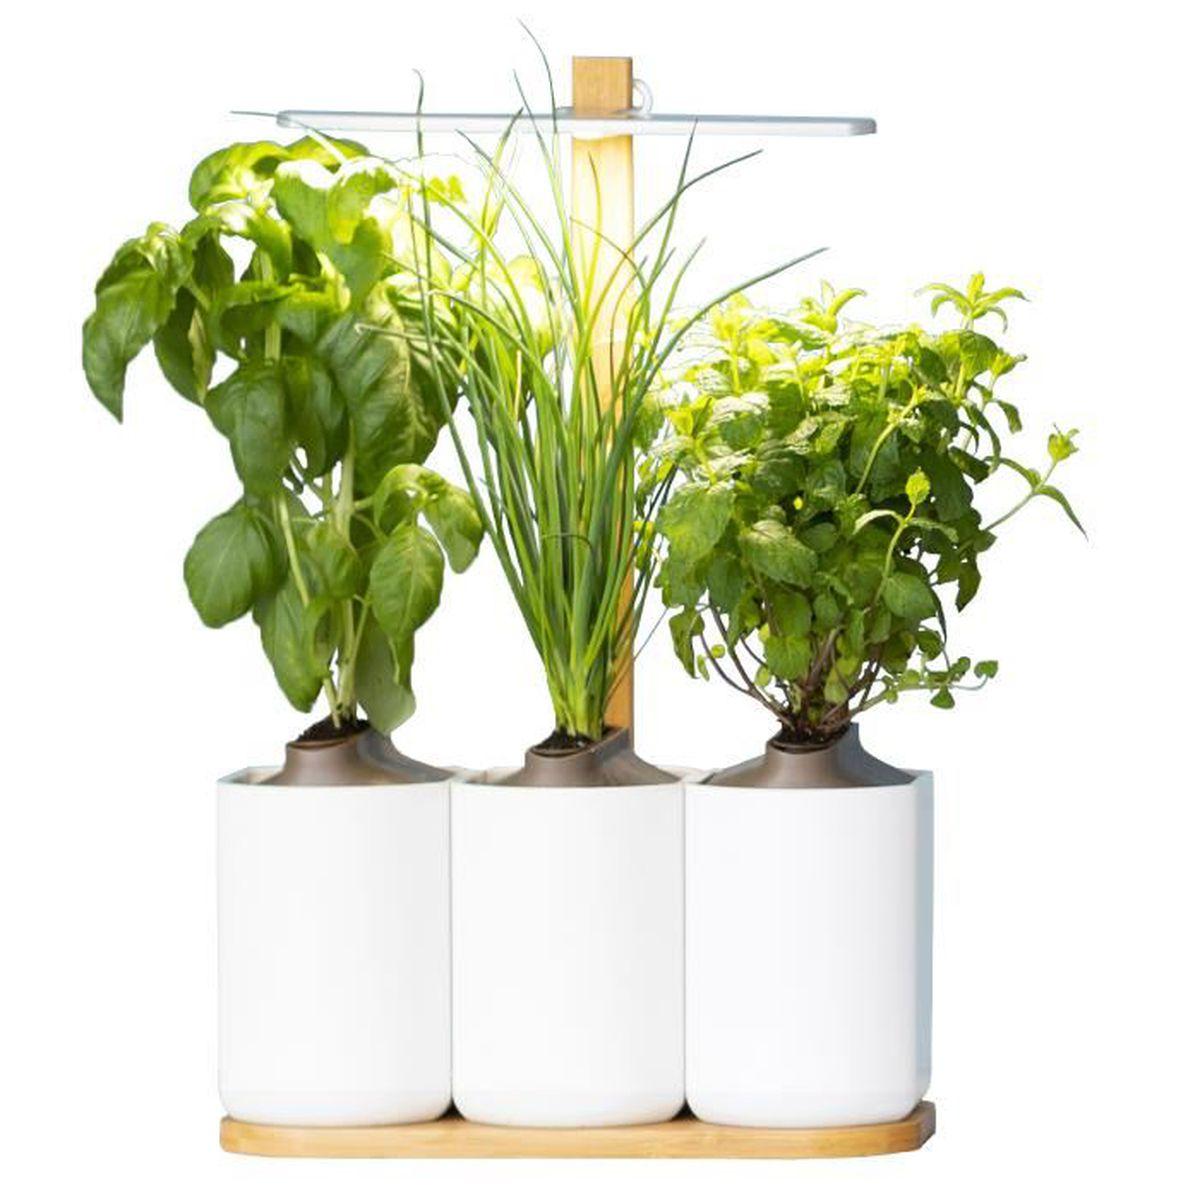 Faire Pousser Persil En Interieur lilo, le potager d'intérieur de prêt à pousser - nouvelle